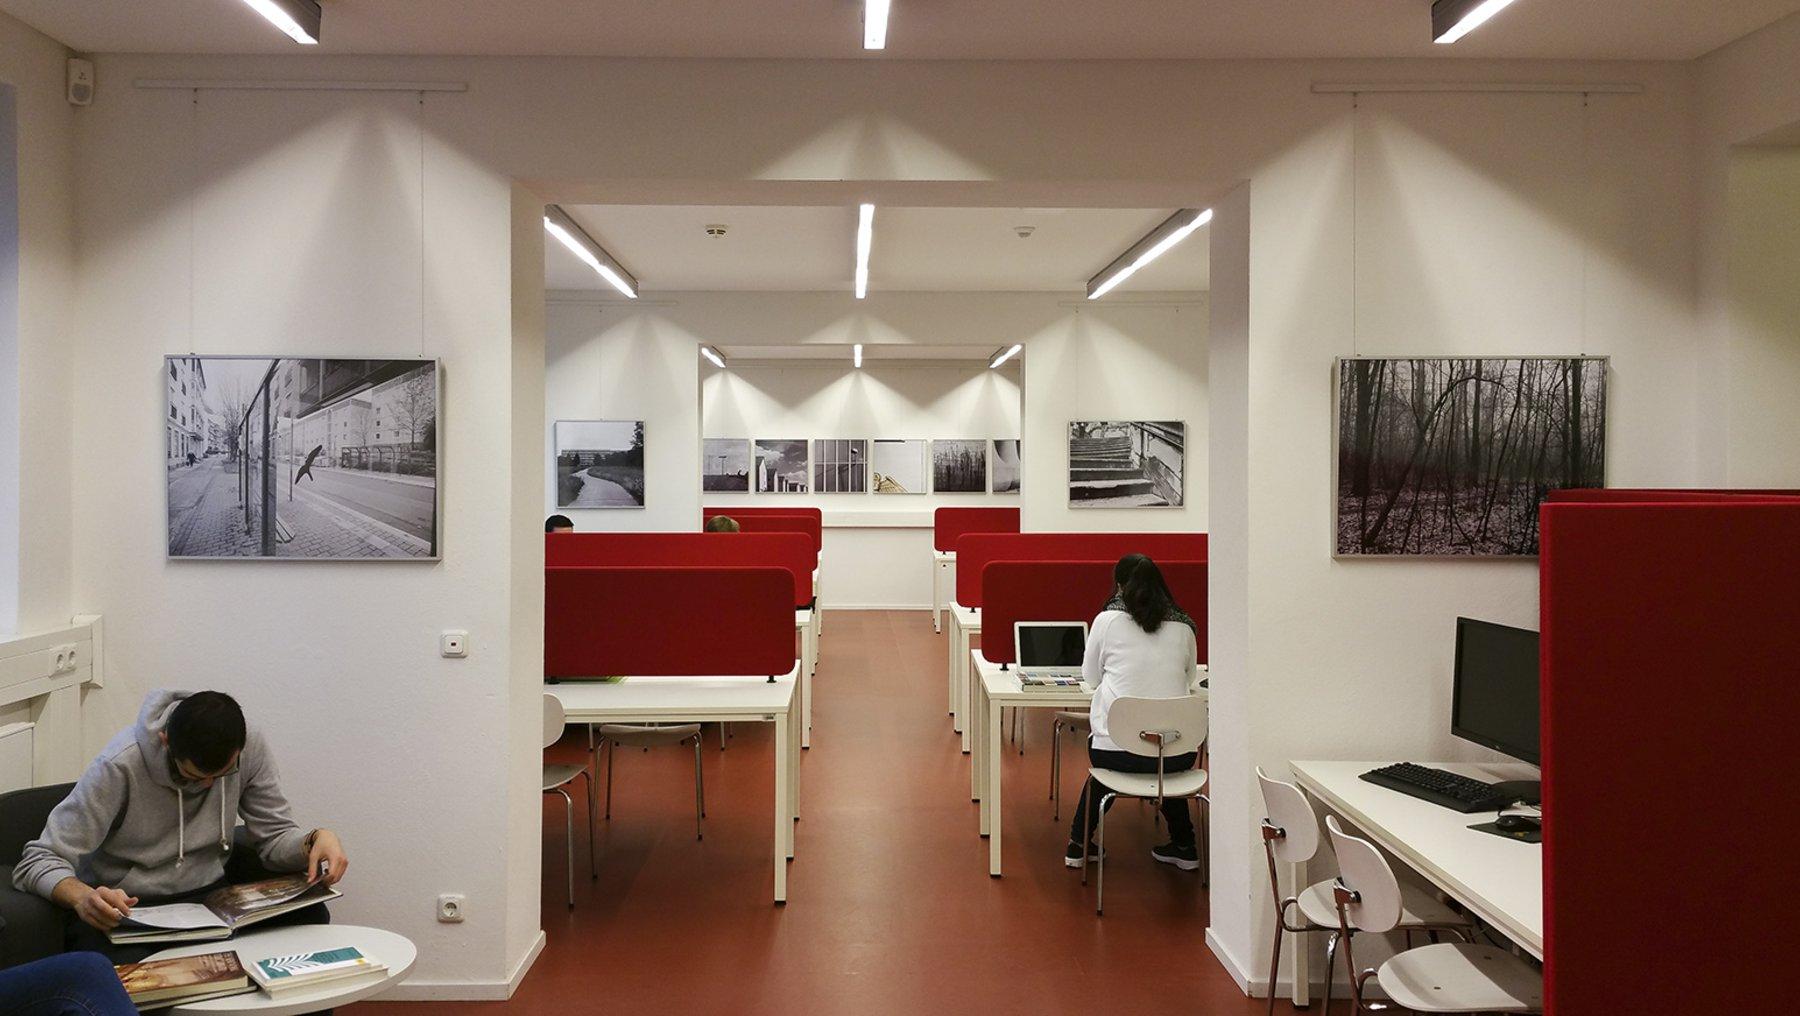 Fotoausstellung Hochschulbibliothek Dessau